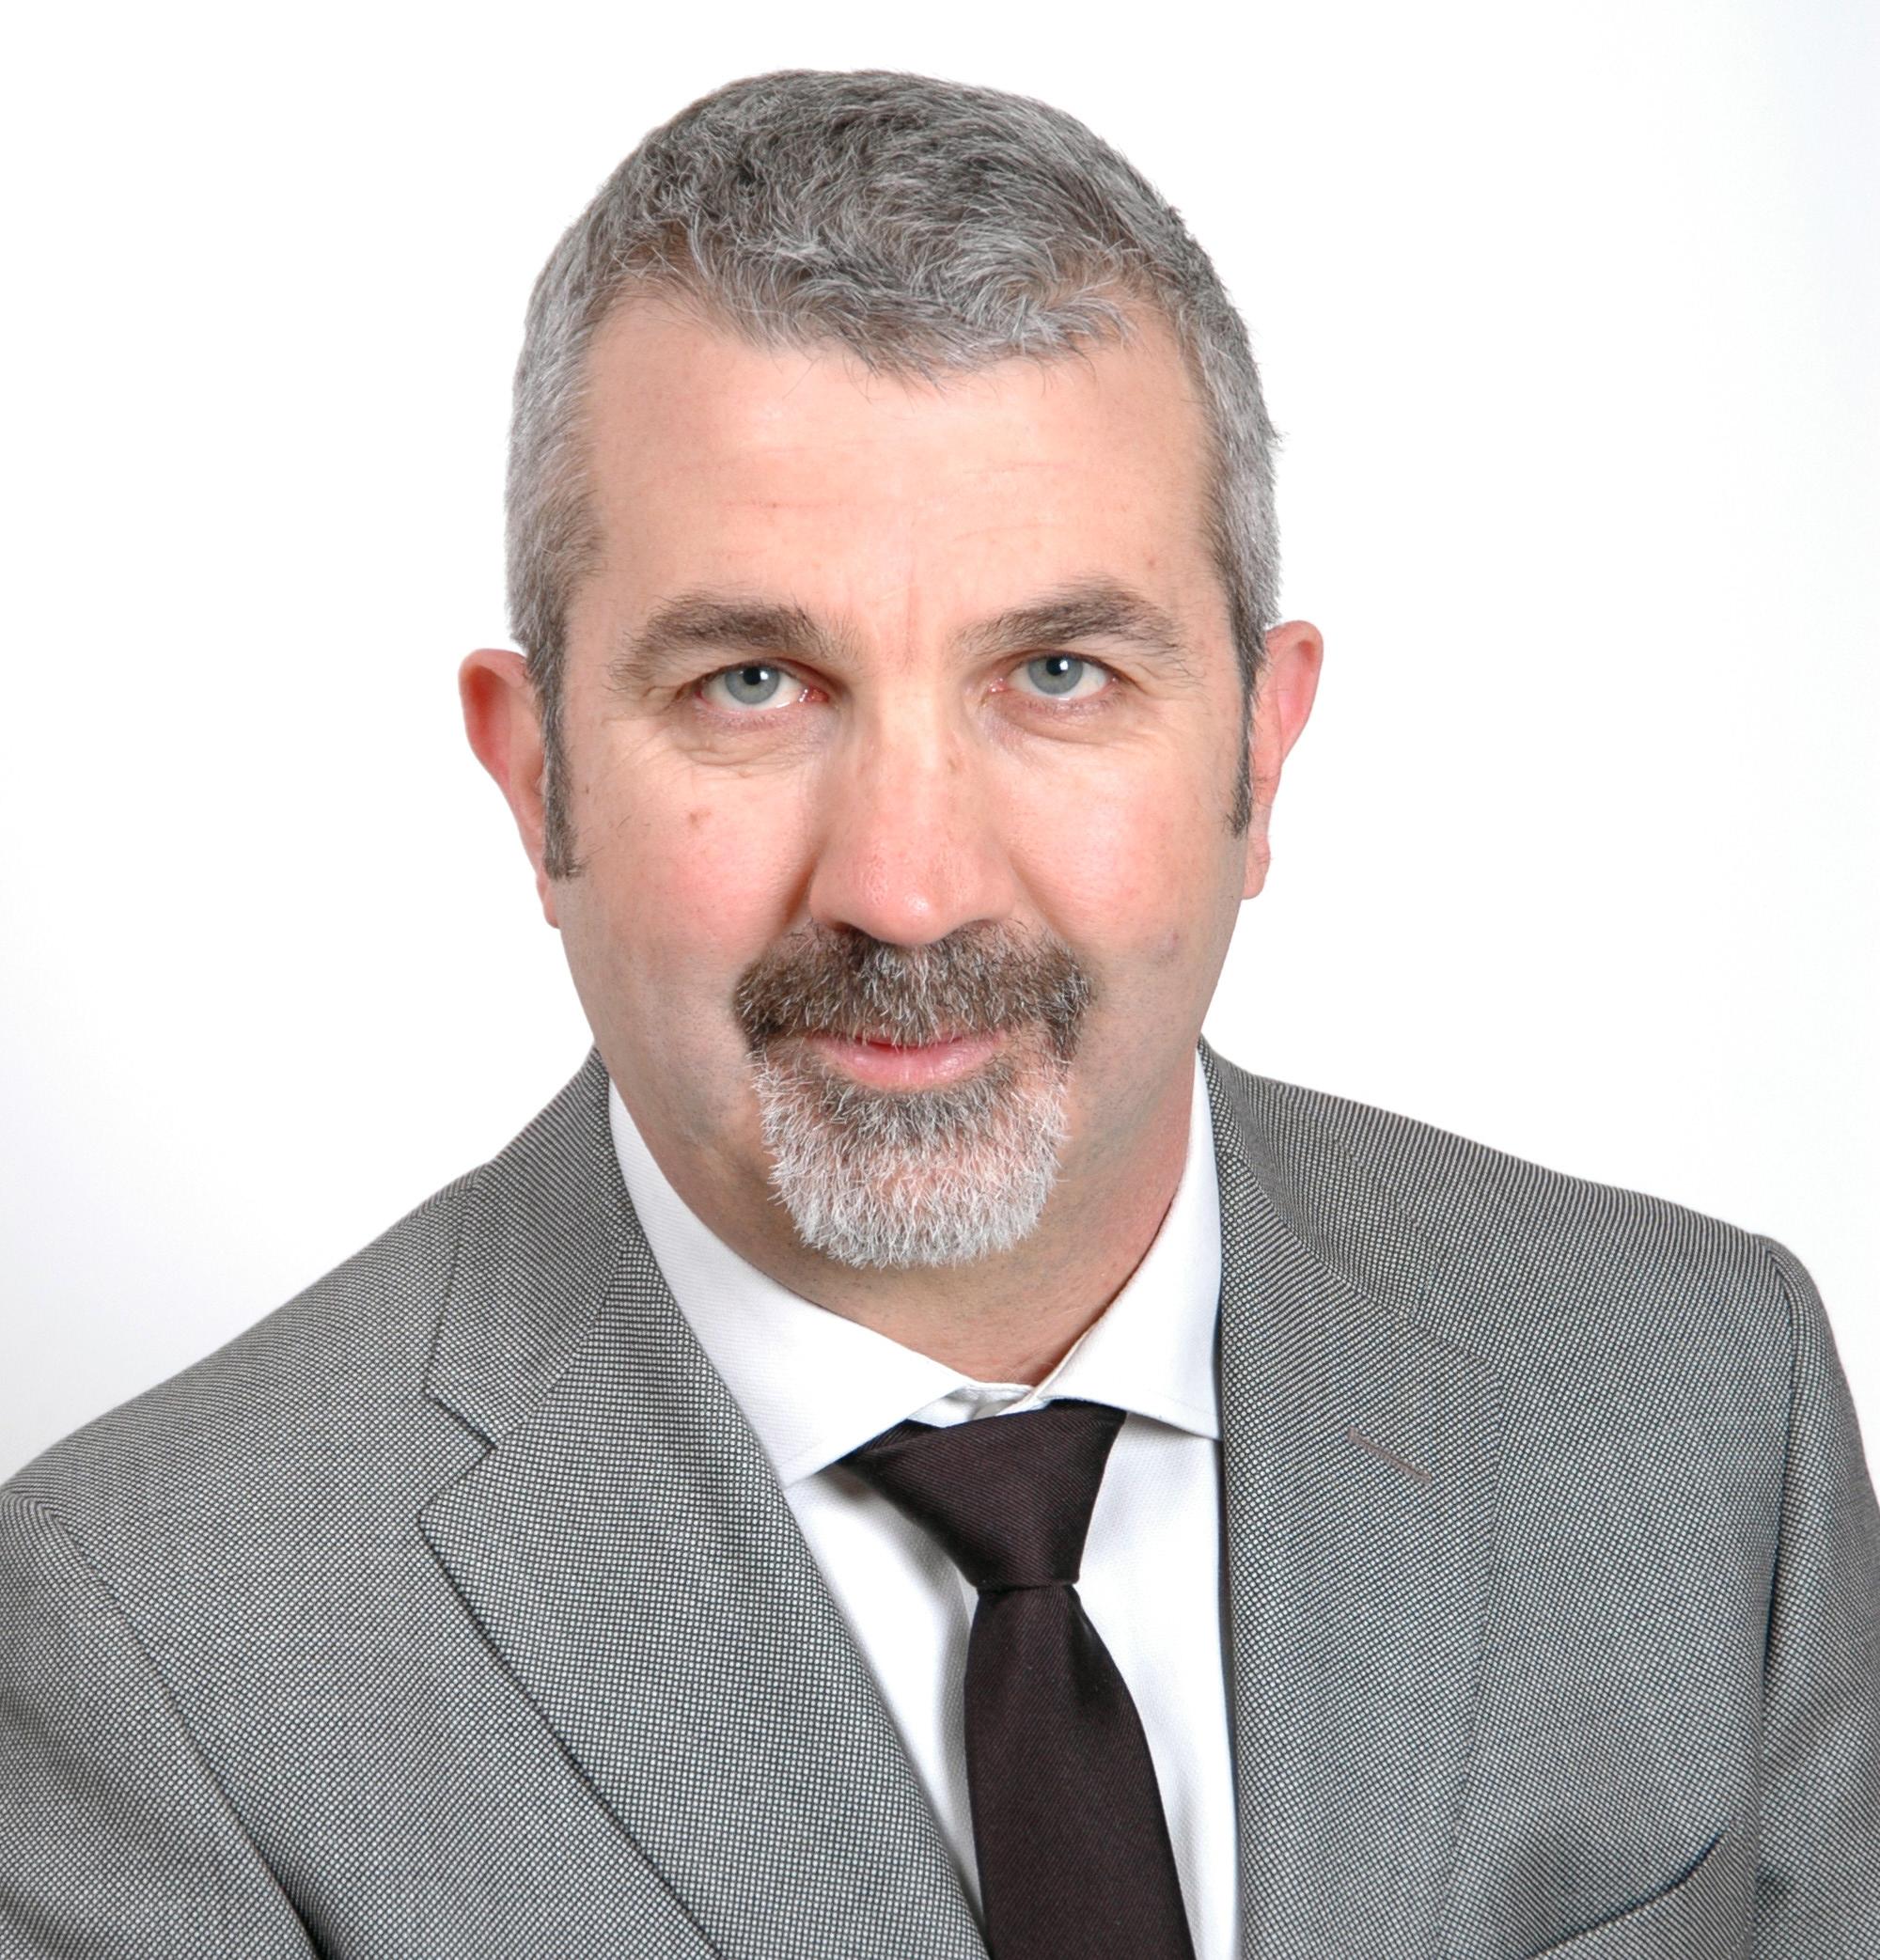 Mauro Ballerini, Regional Sales Director per il Sud Europa di A10 Networks